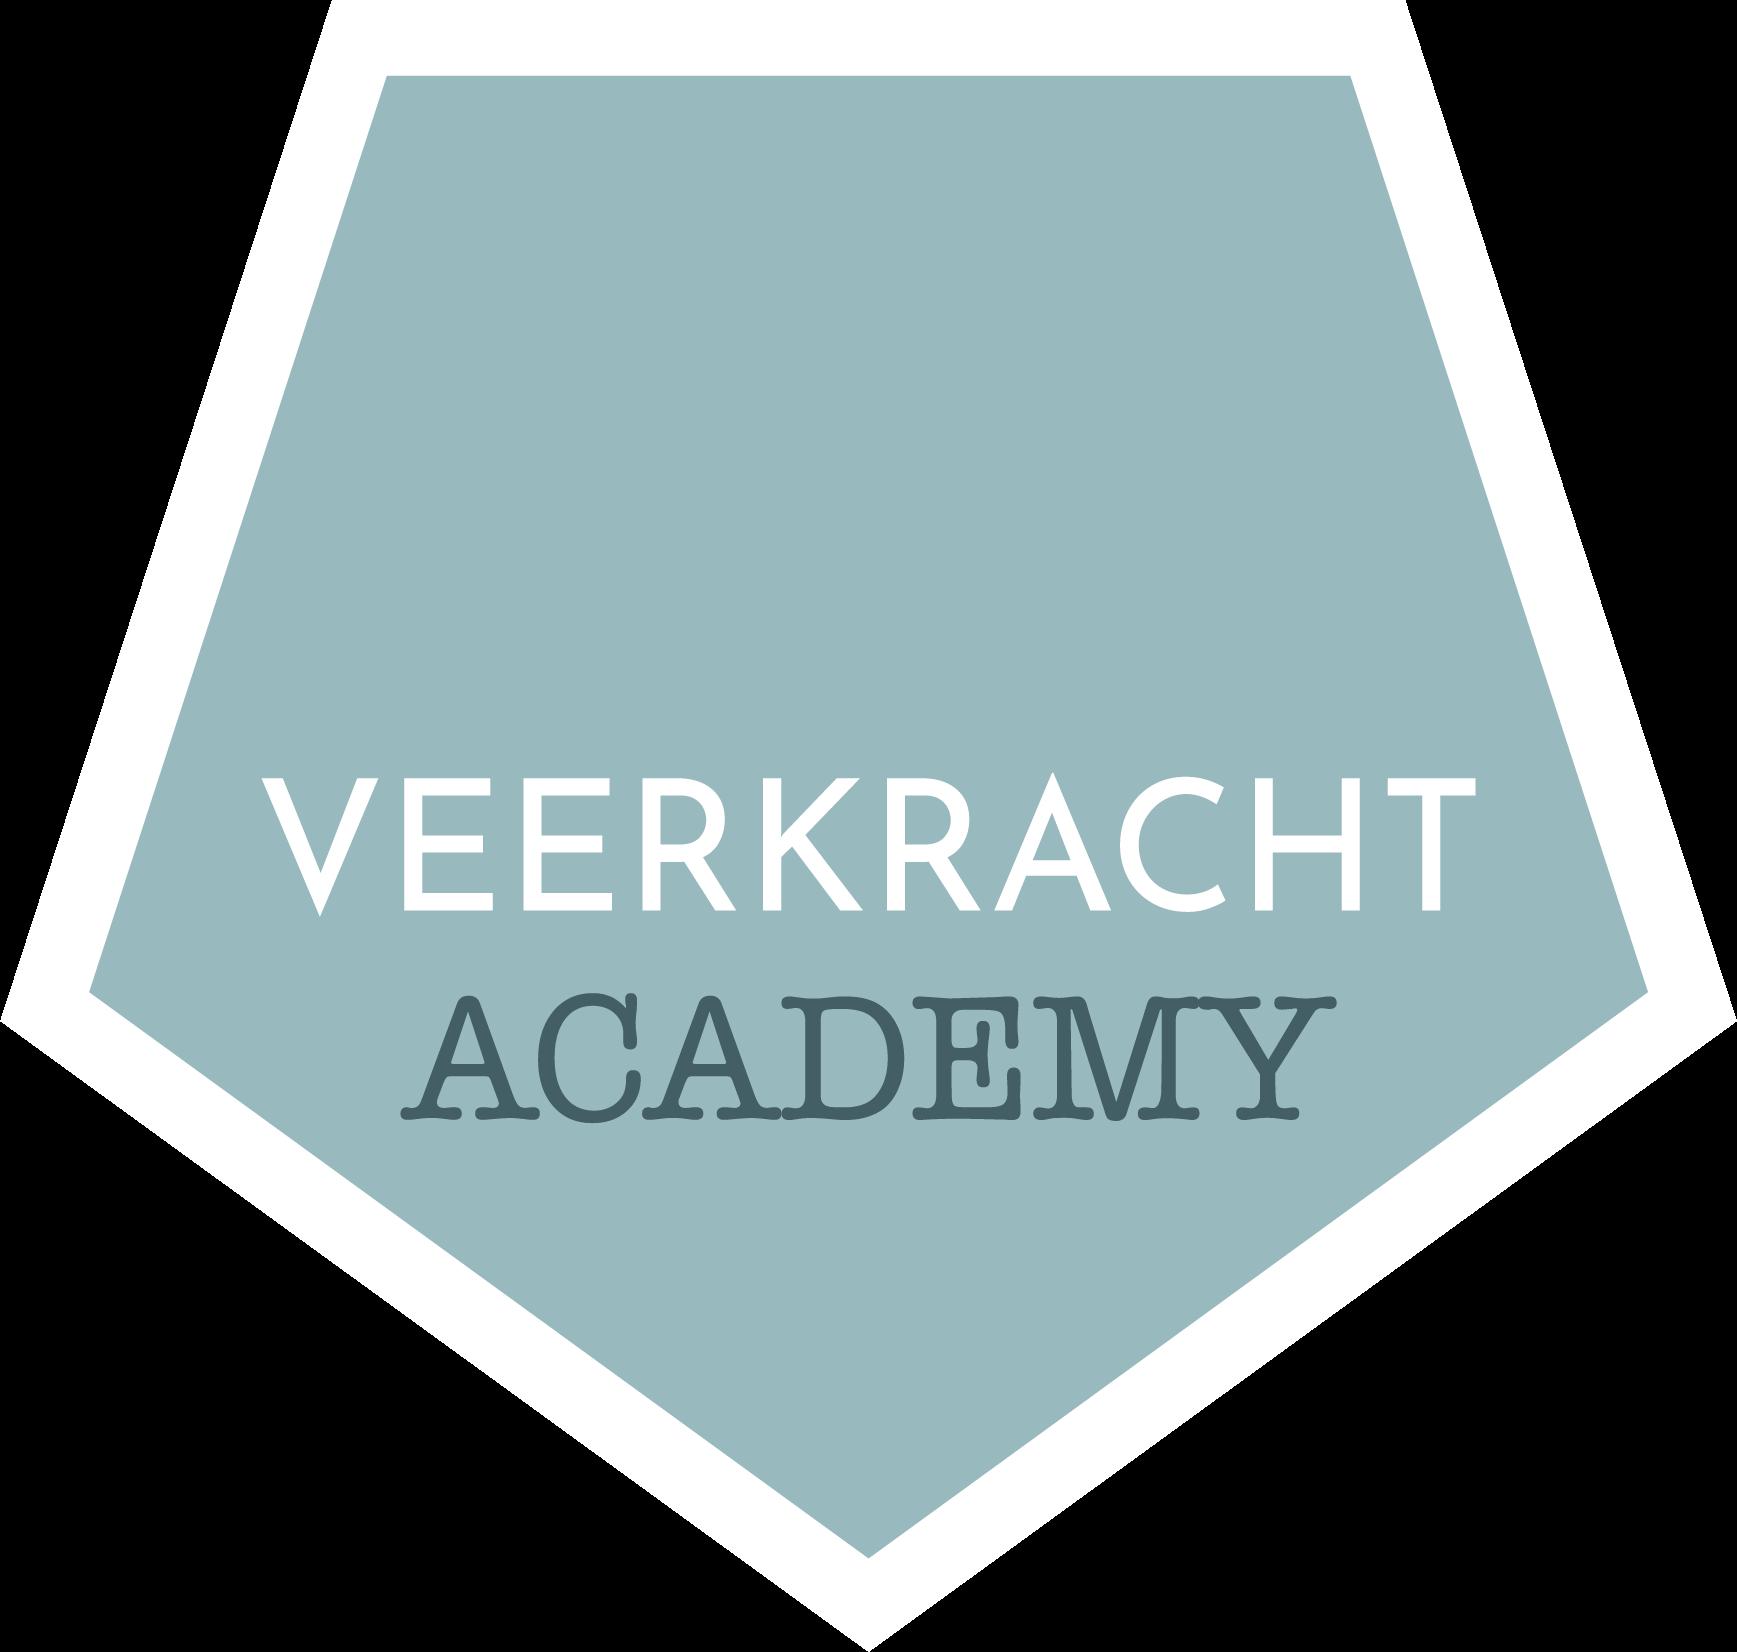 Veerkracht Academy